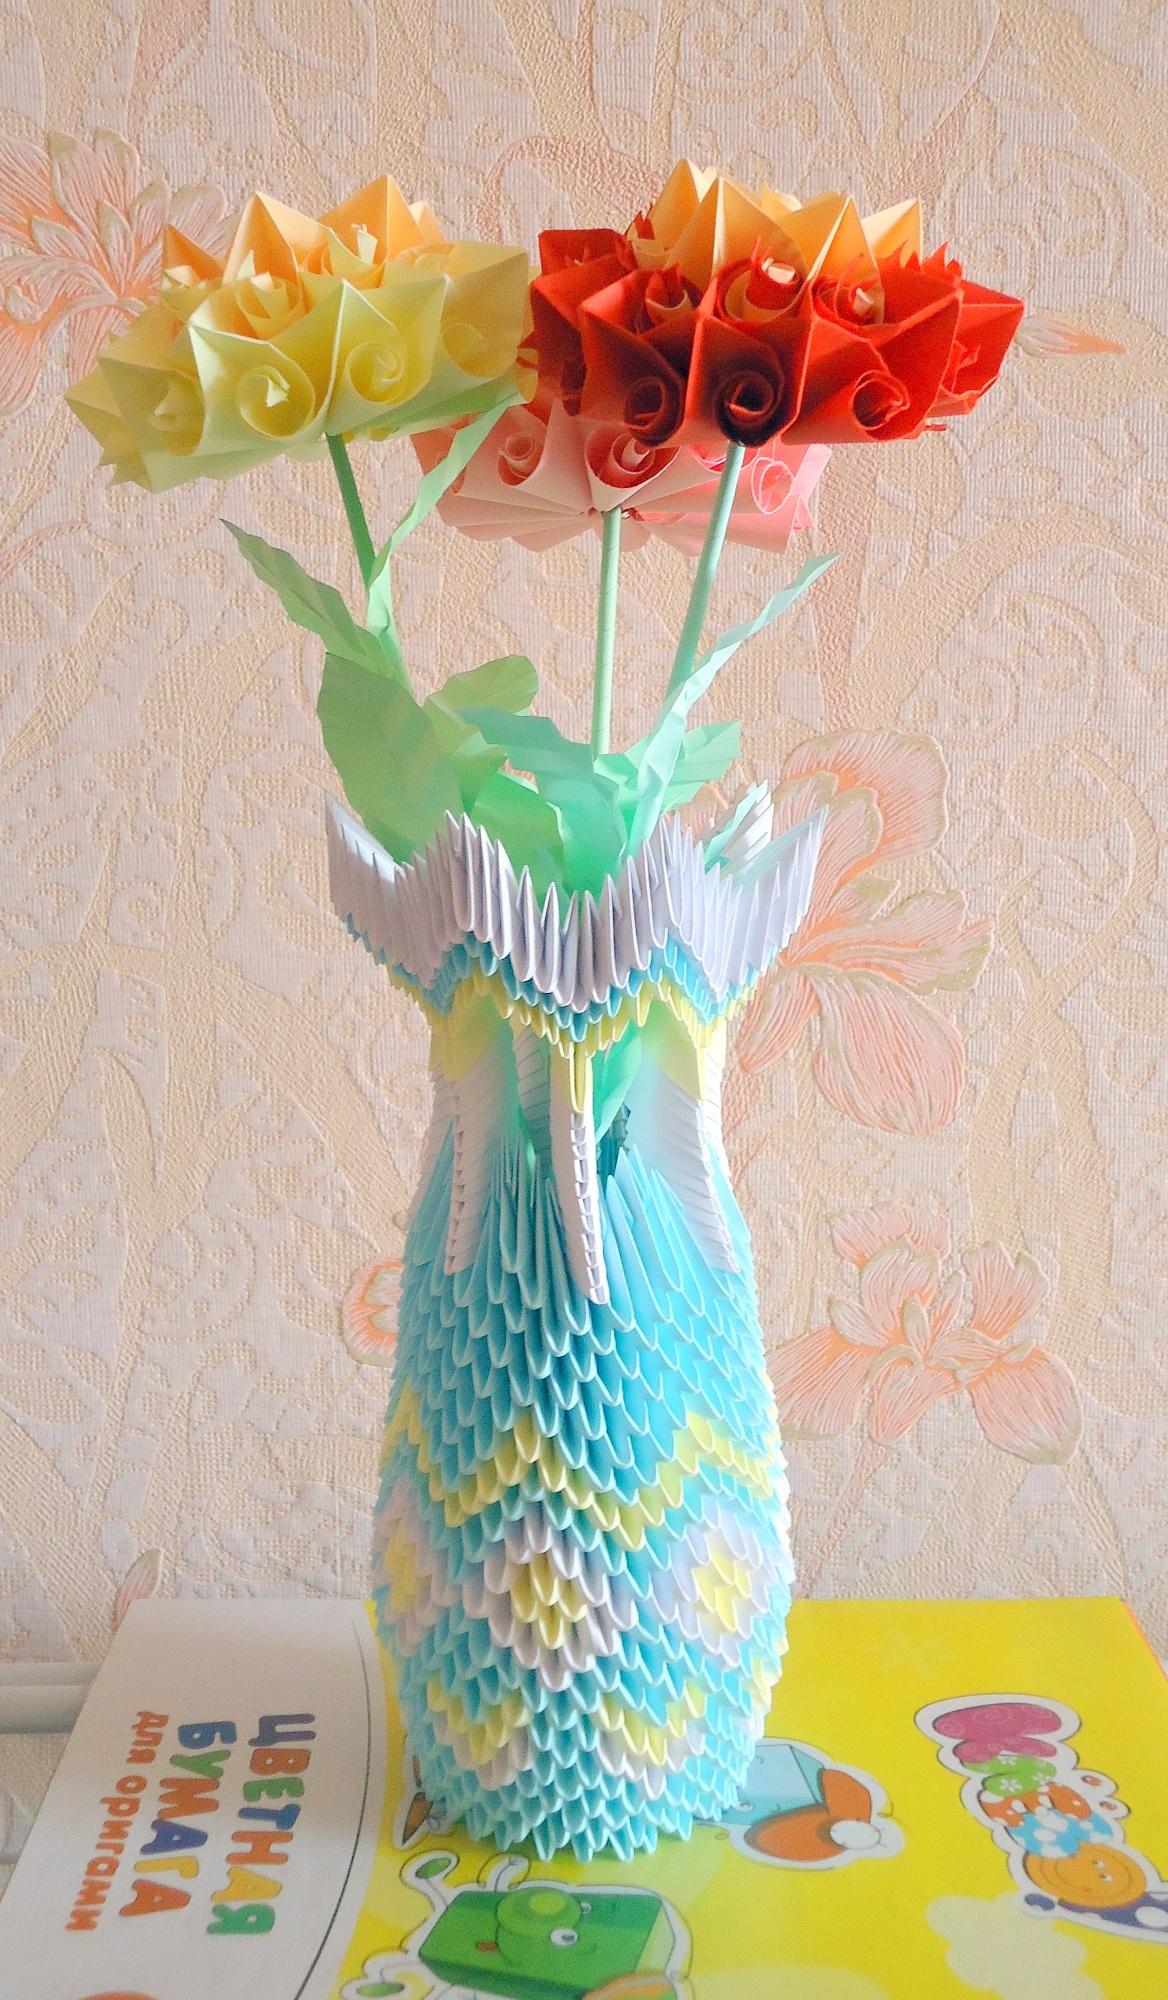 Оригами ваза: пошаговые инструкции по сборке и схема создания вазы